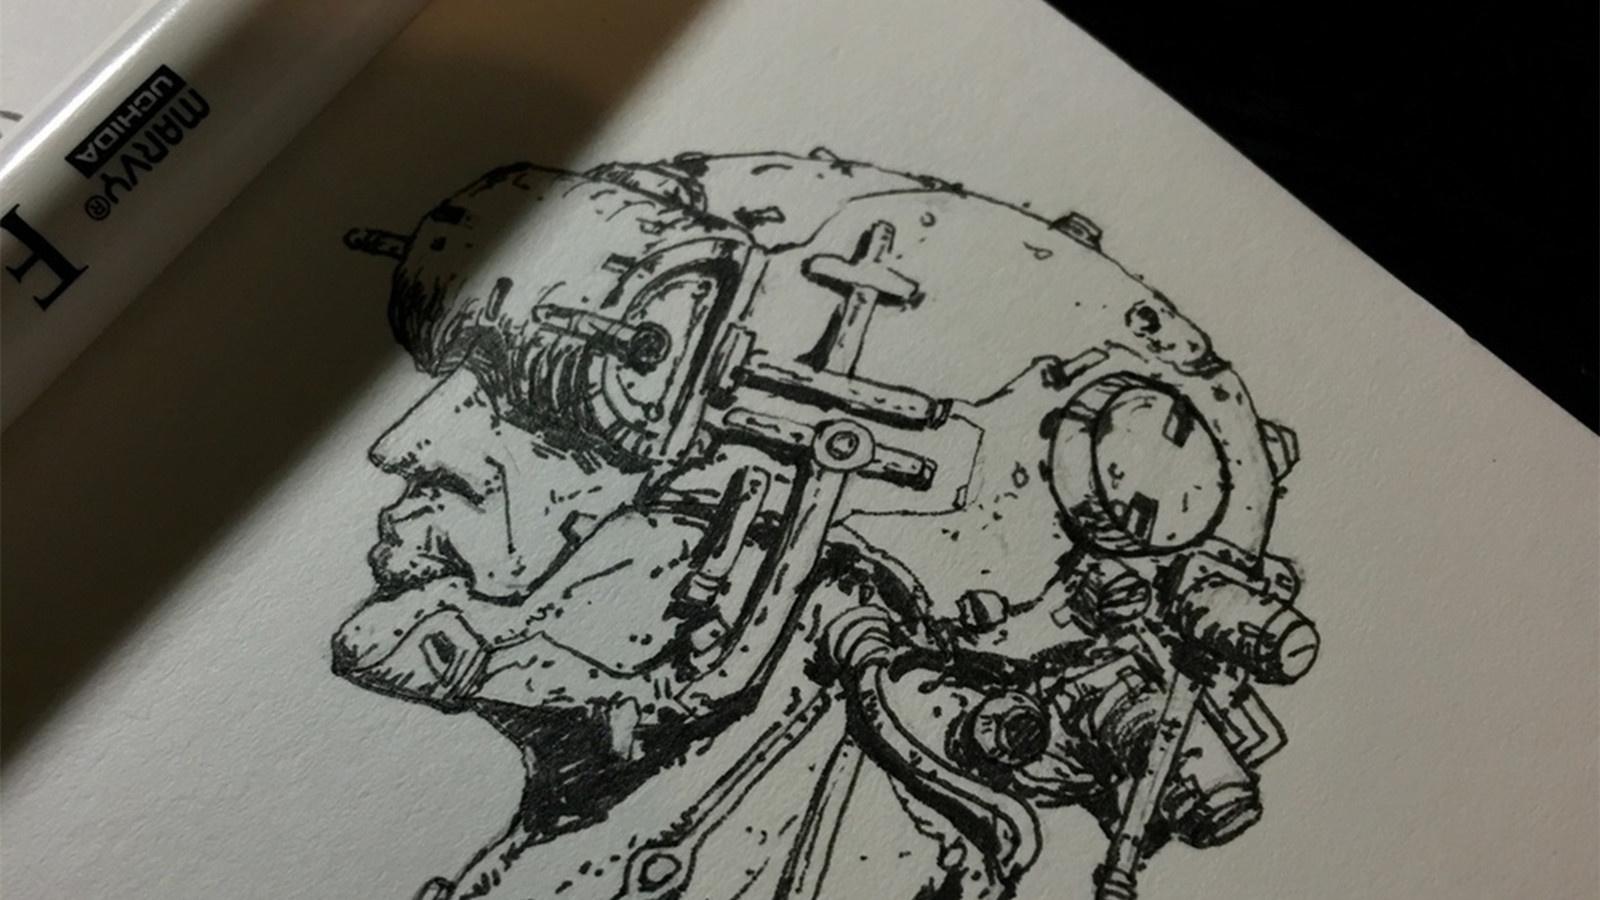 紙上的機甲夢:我的科幻概念設計手稿原畫